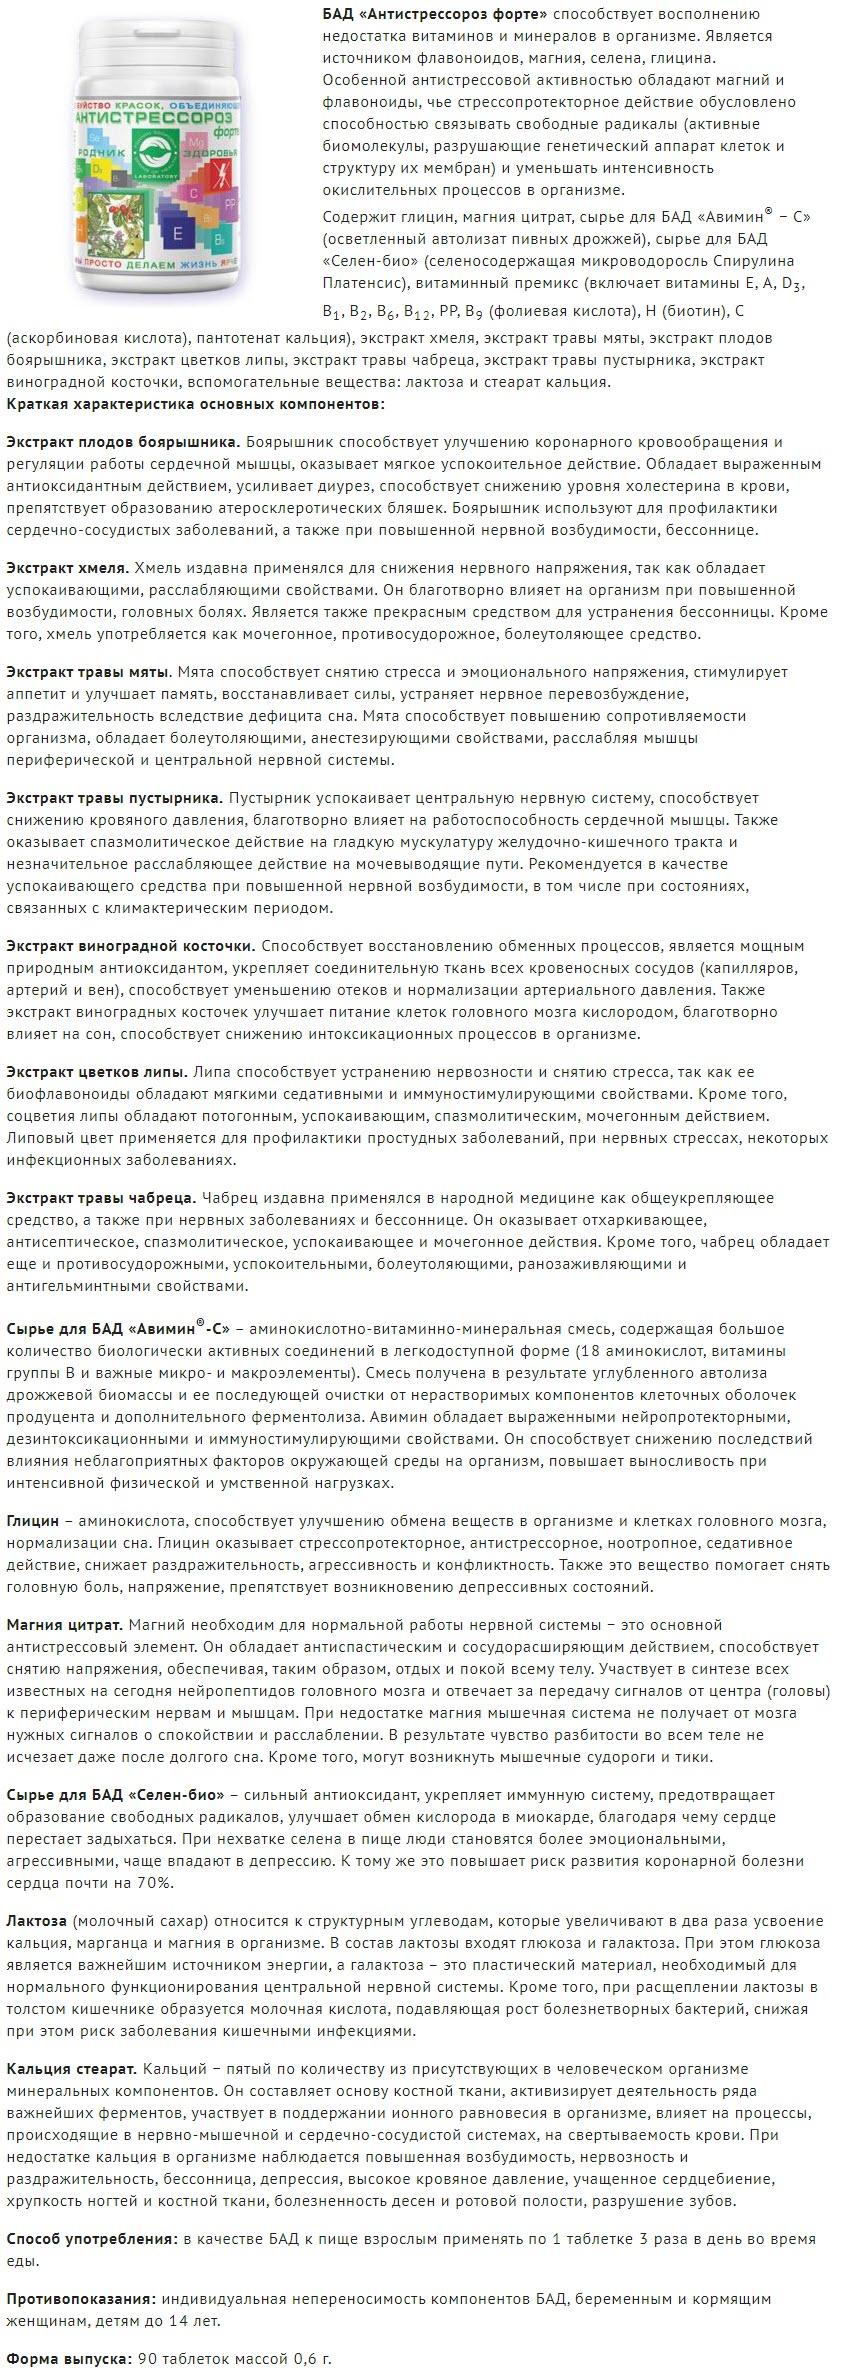 Opisanie Antisressoroz Forte Rodnik Zdorovya